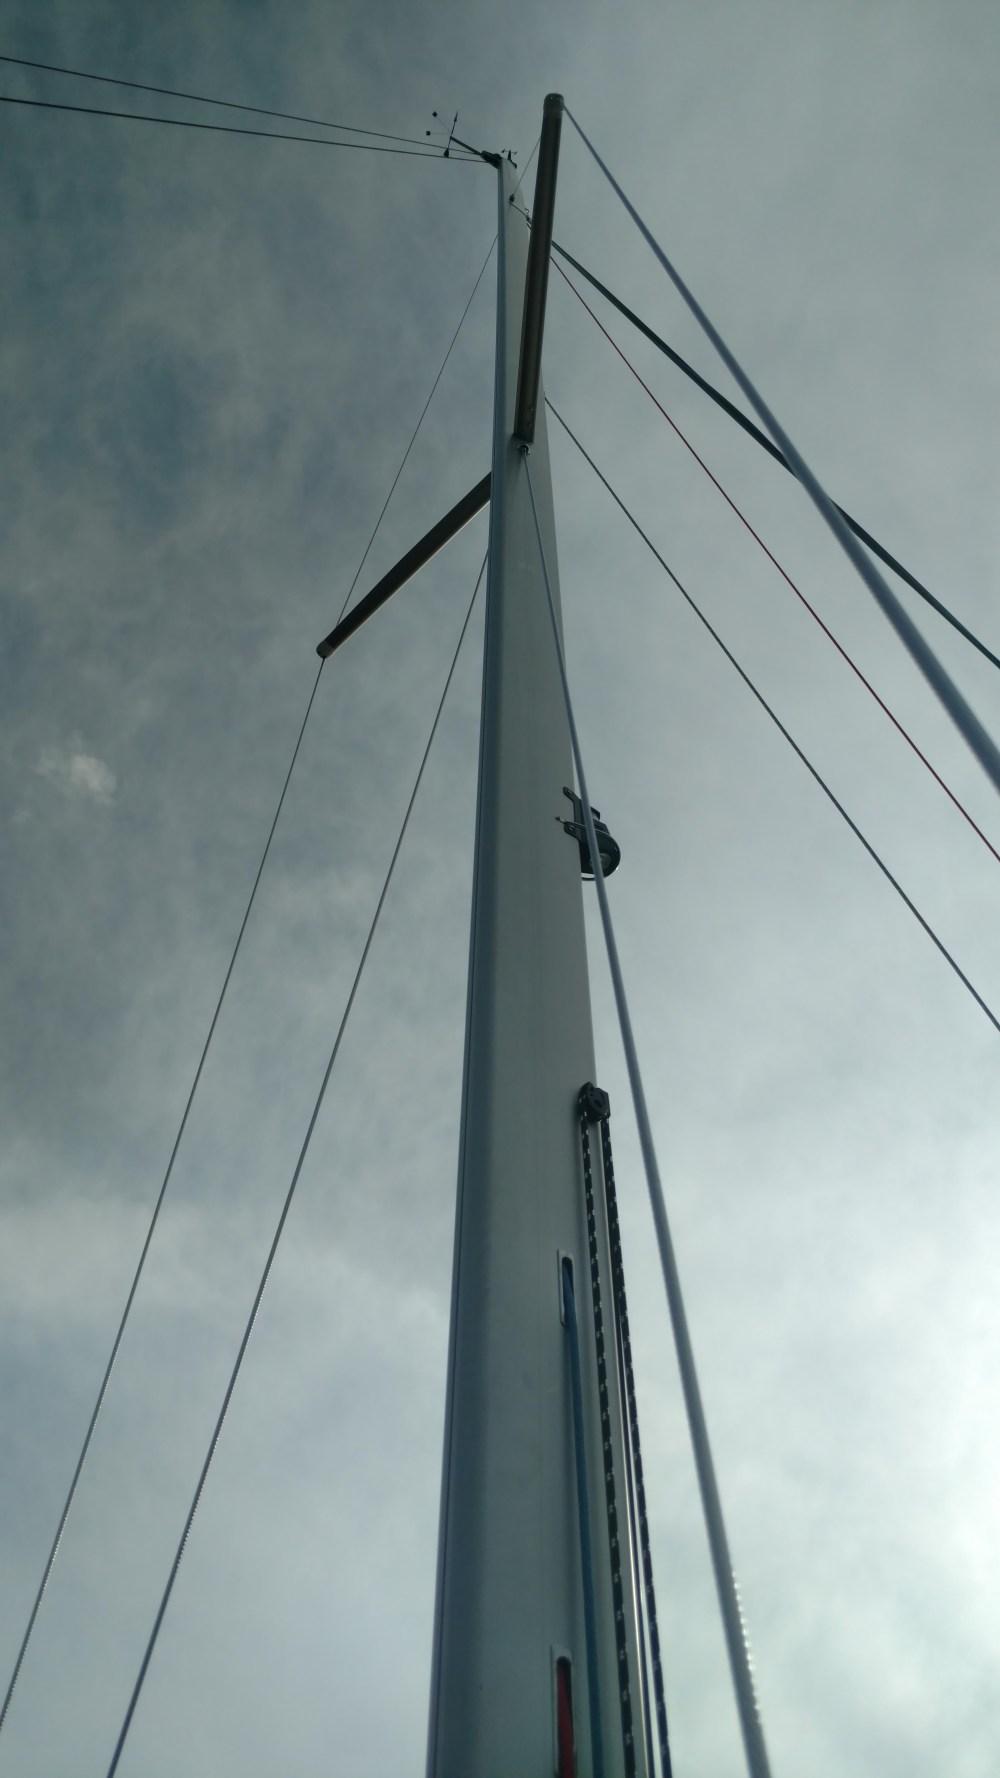 New mast for Omega 36